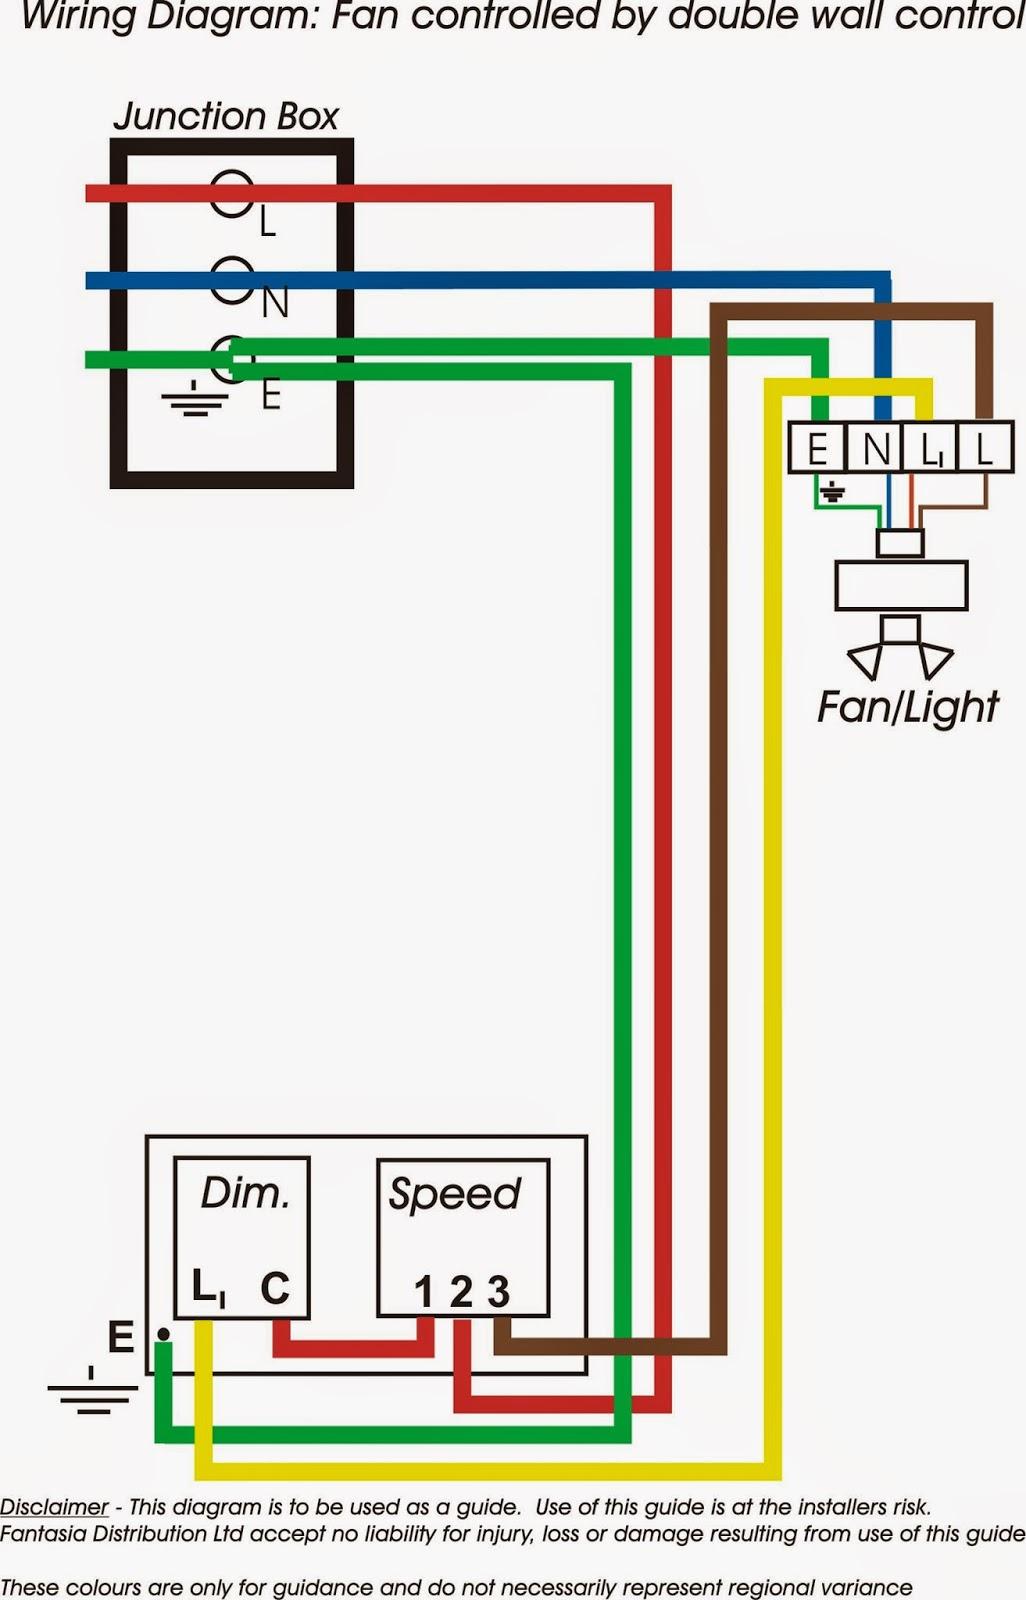 Window Fan Wiring Diagram - cadillac sts fan wiring schema ... on